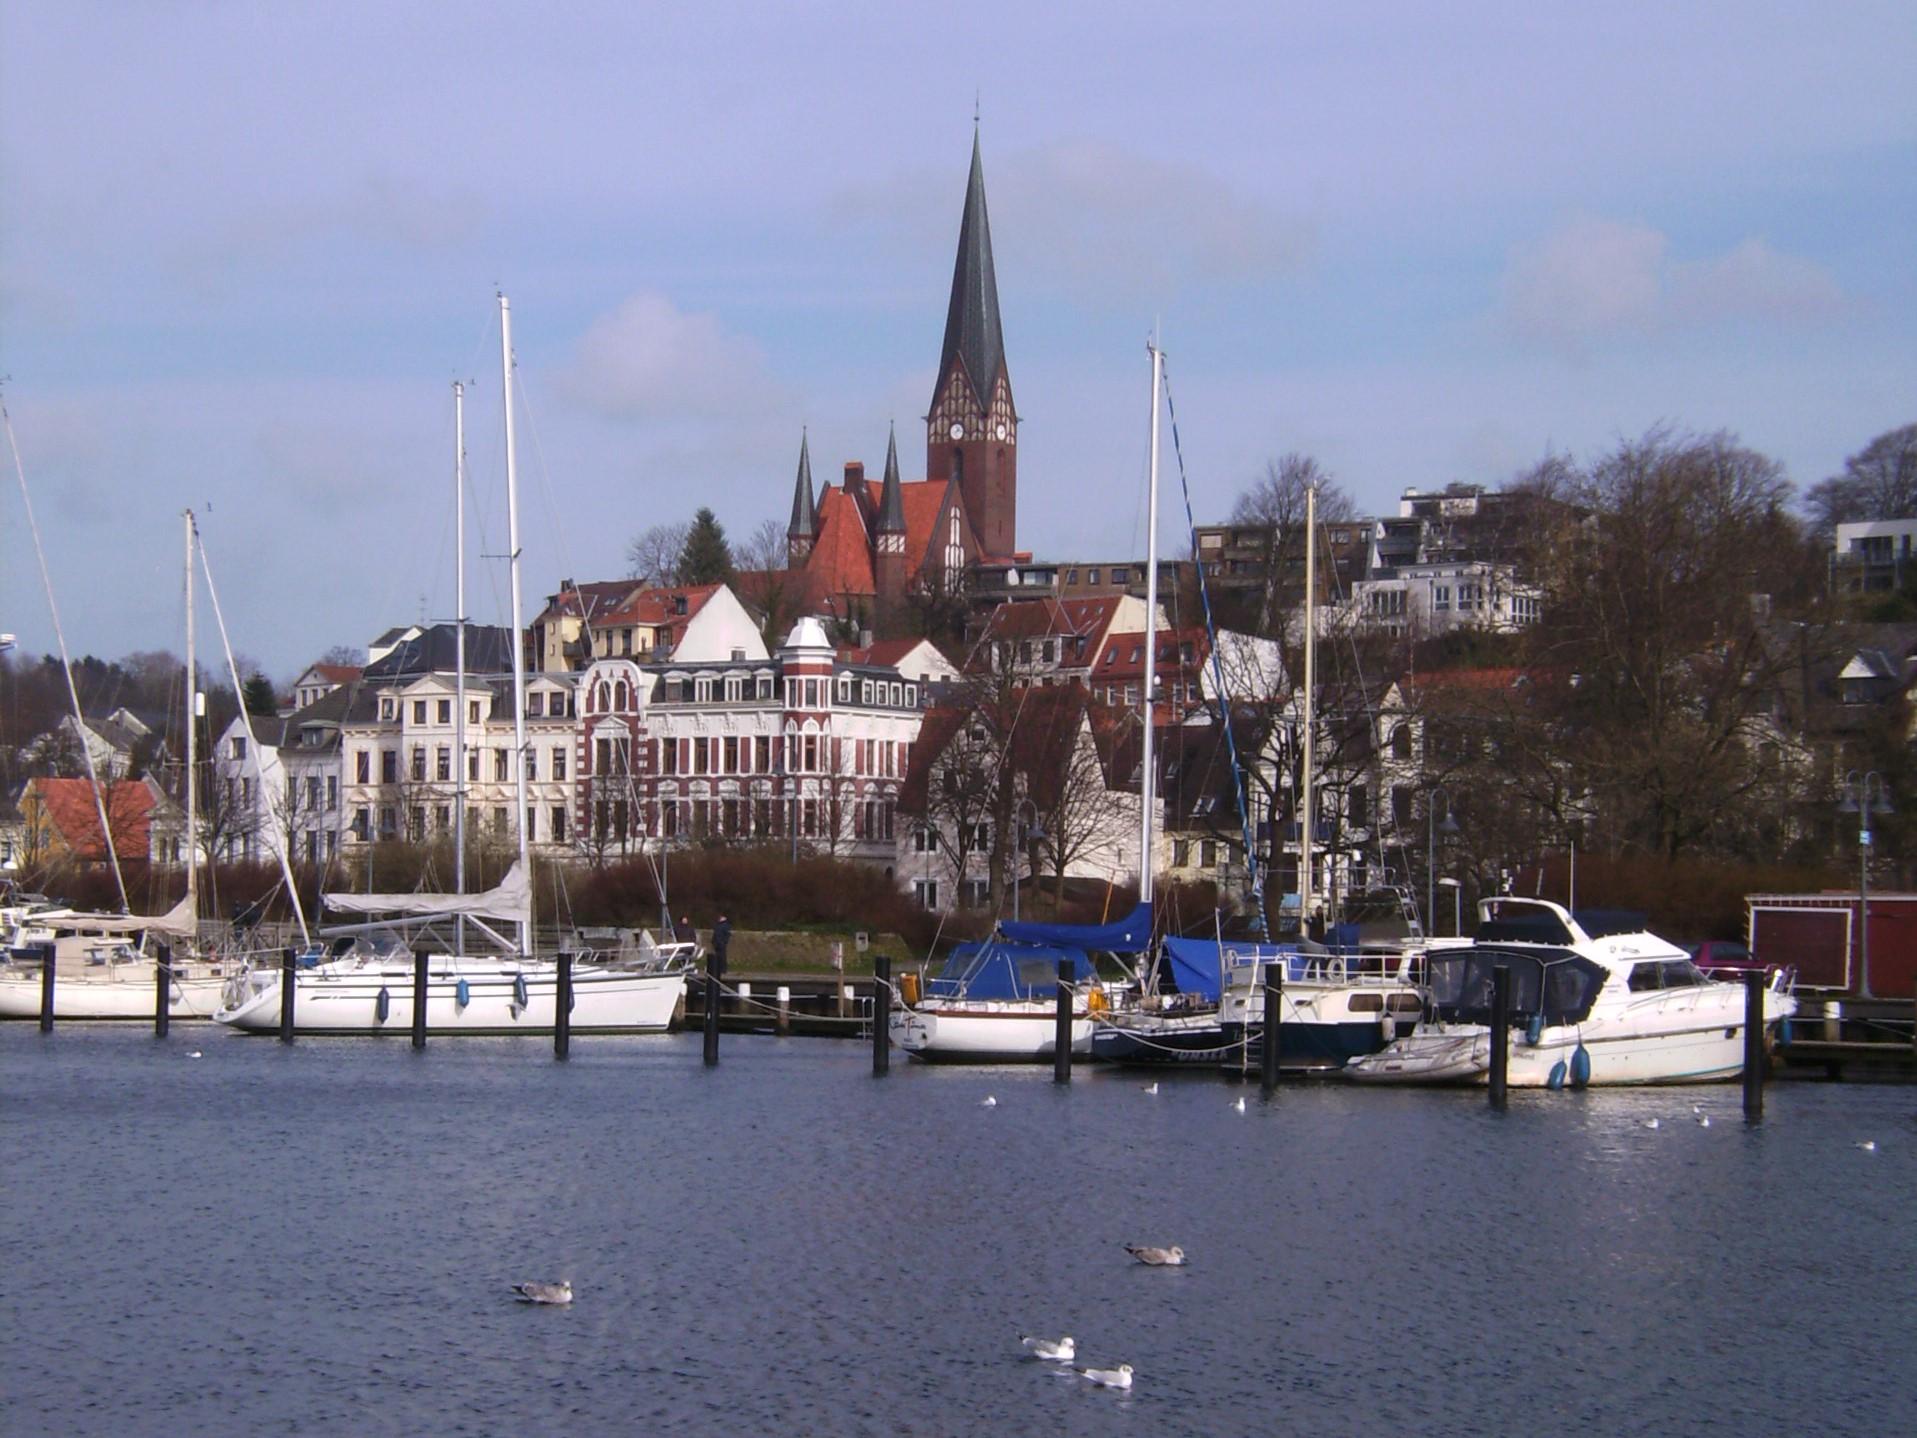 Flensburg: Sehenswürdigkeiten für den Städtetrip an die Förde